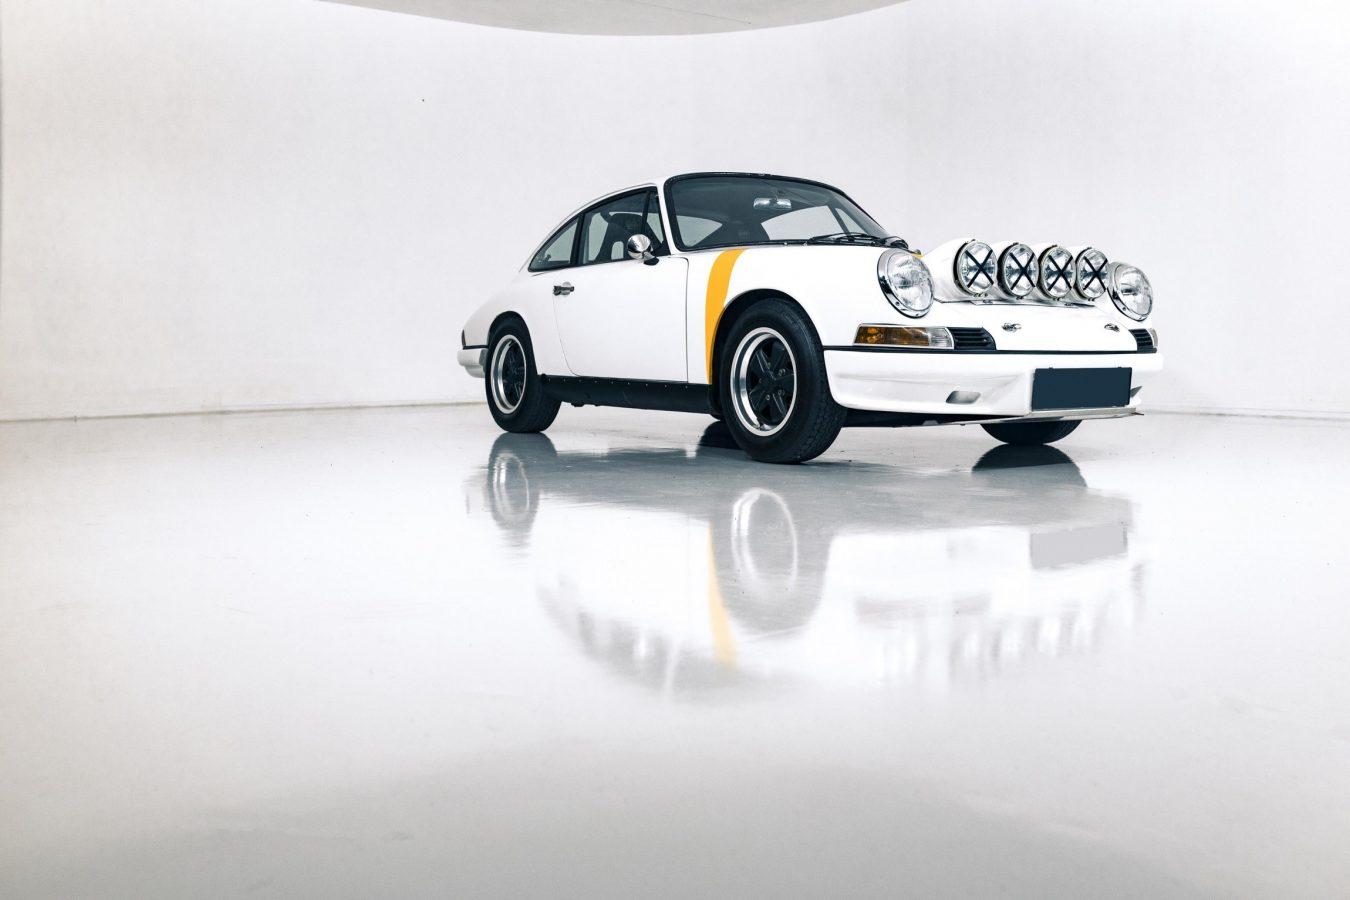 1976 Porsche 911 Rennfahrzeug